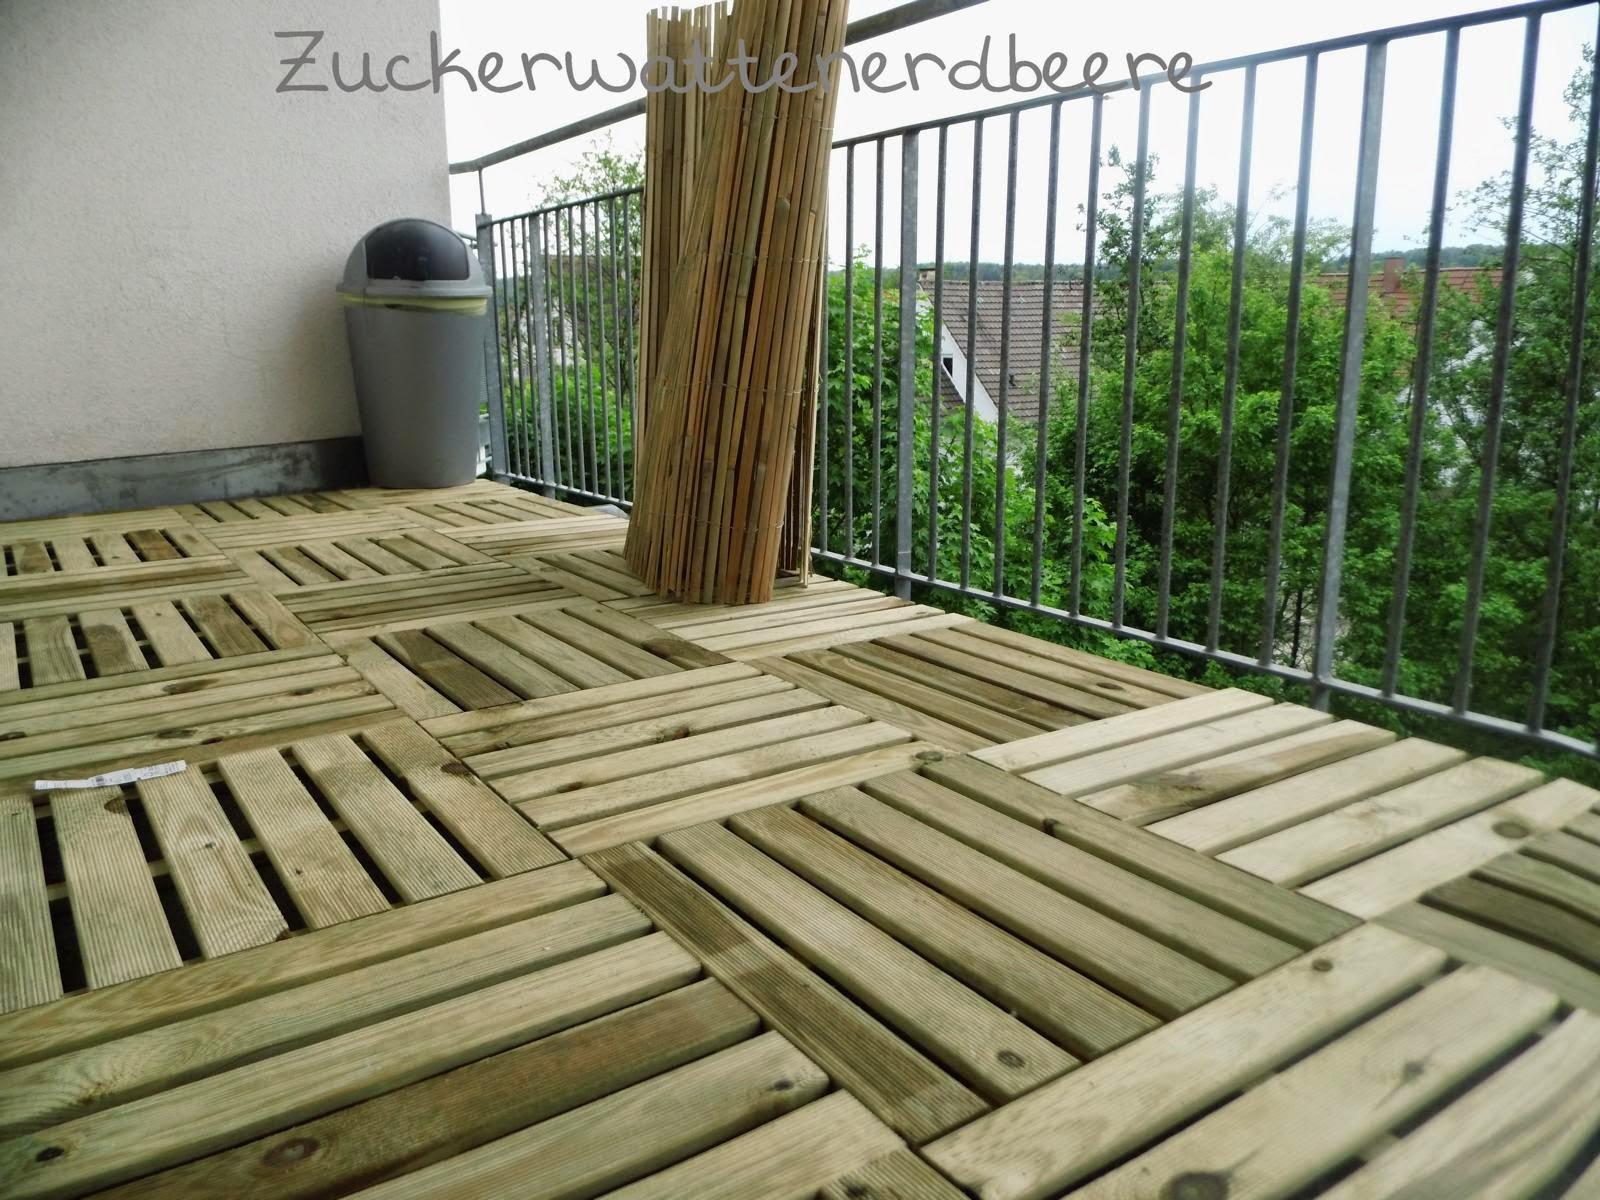 zuckerwattenerdbeere balkon diy neu f r den sommer f r nur 140 euro. Black Bedroom Furniture Sets. Home Design Ideas